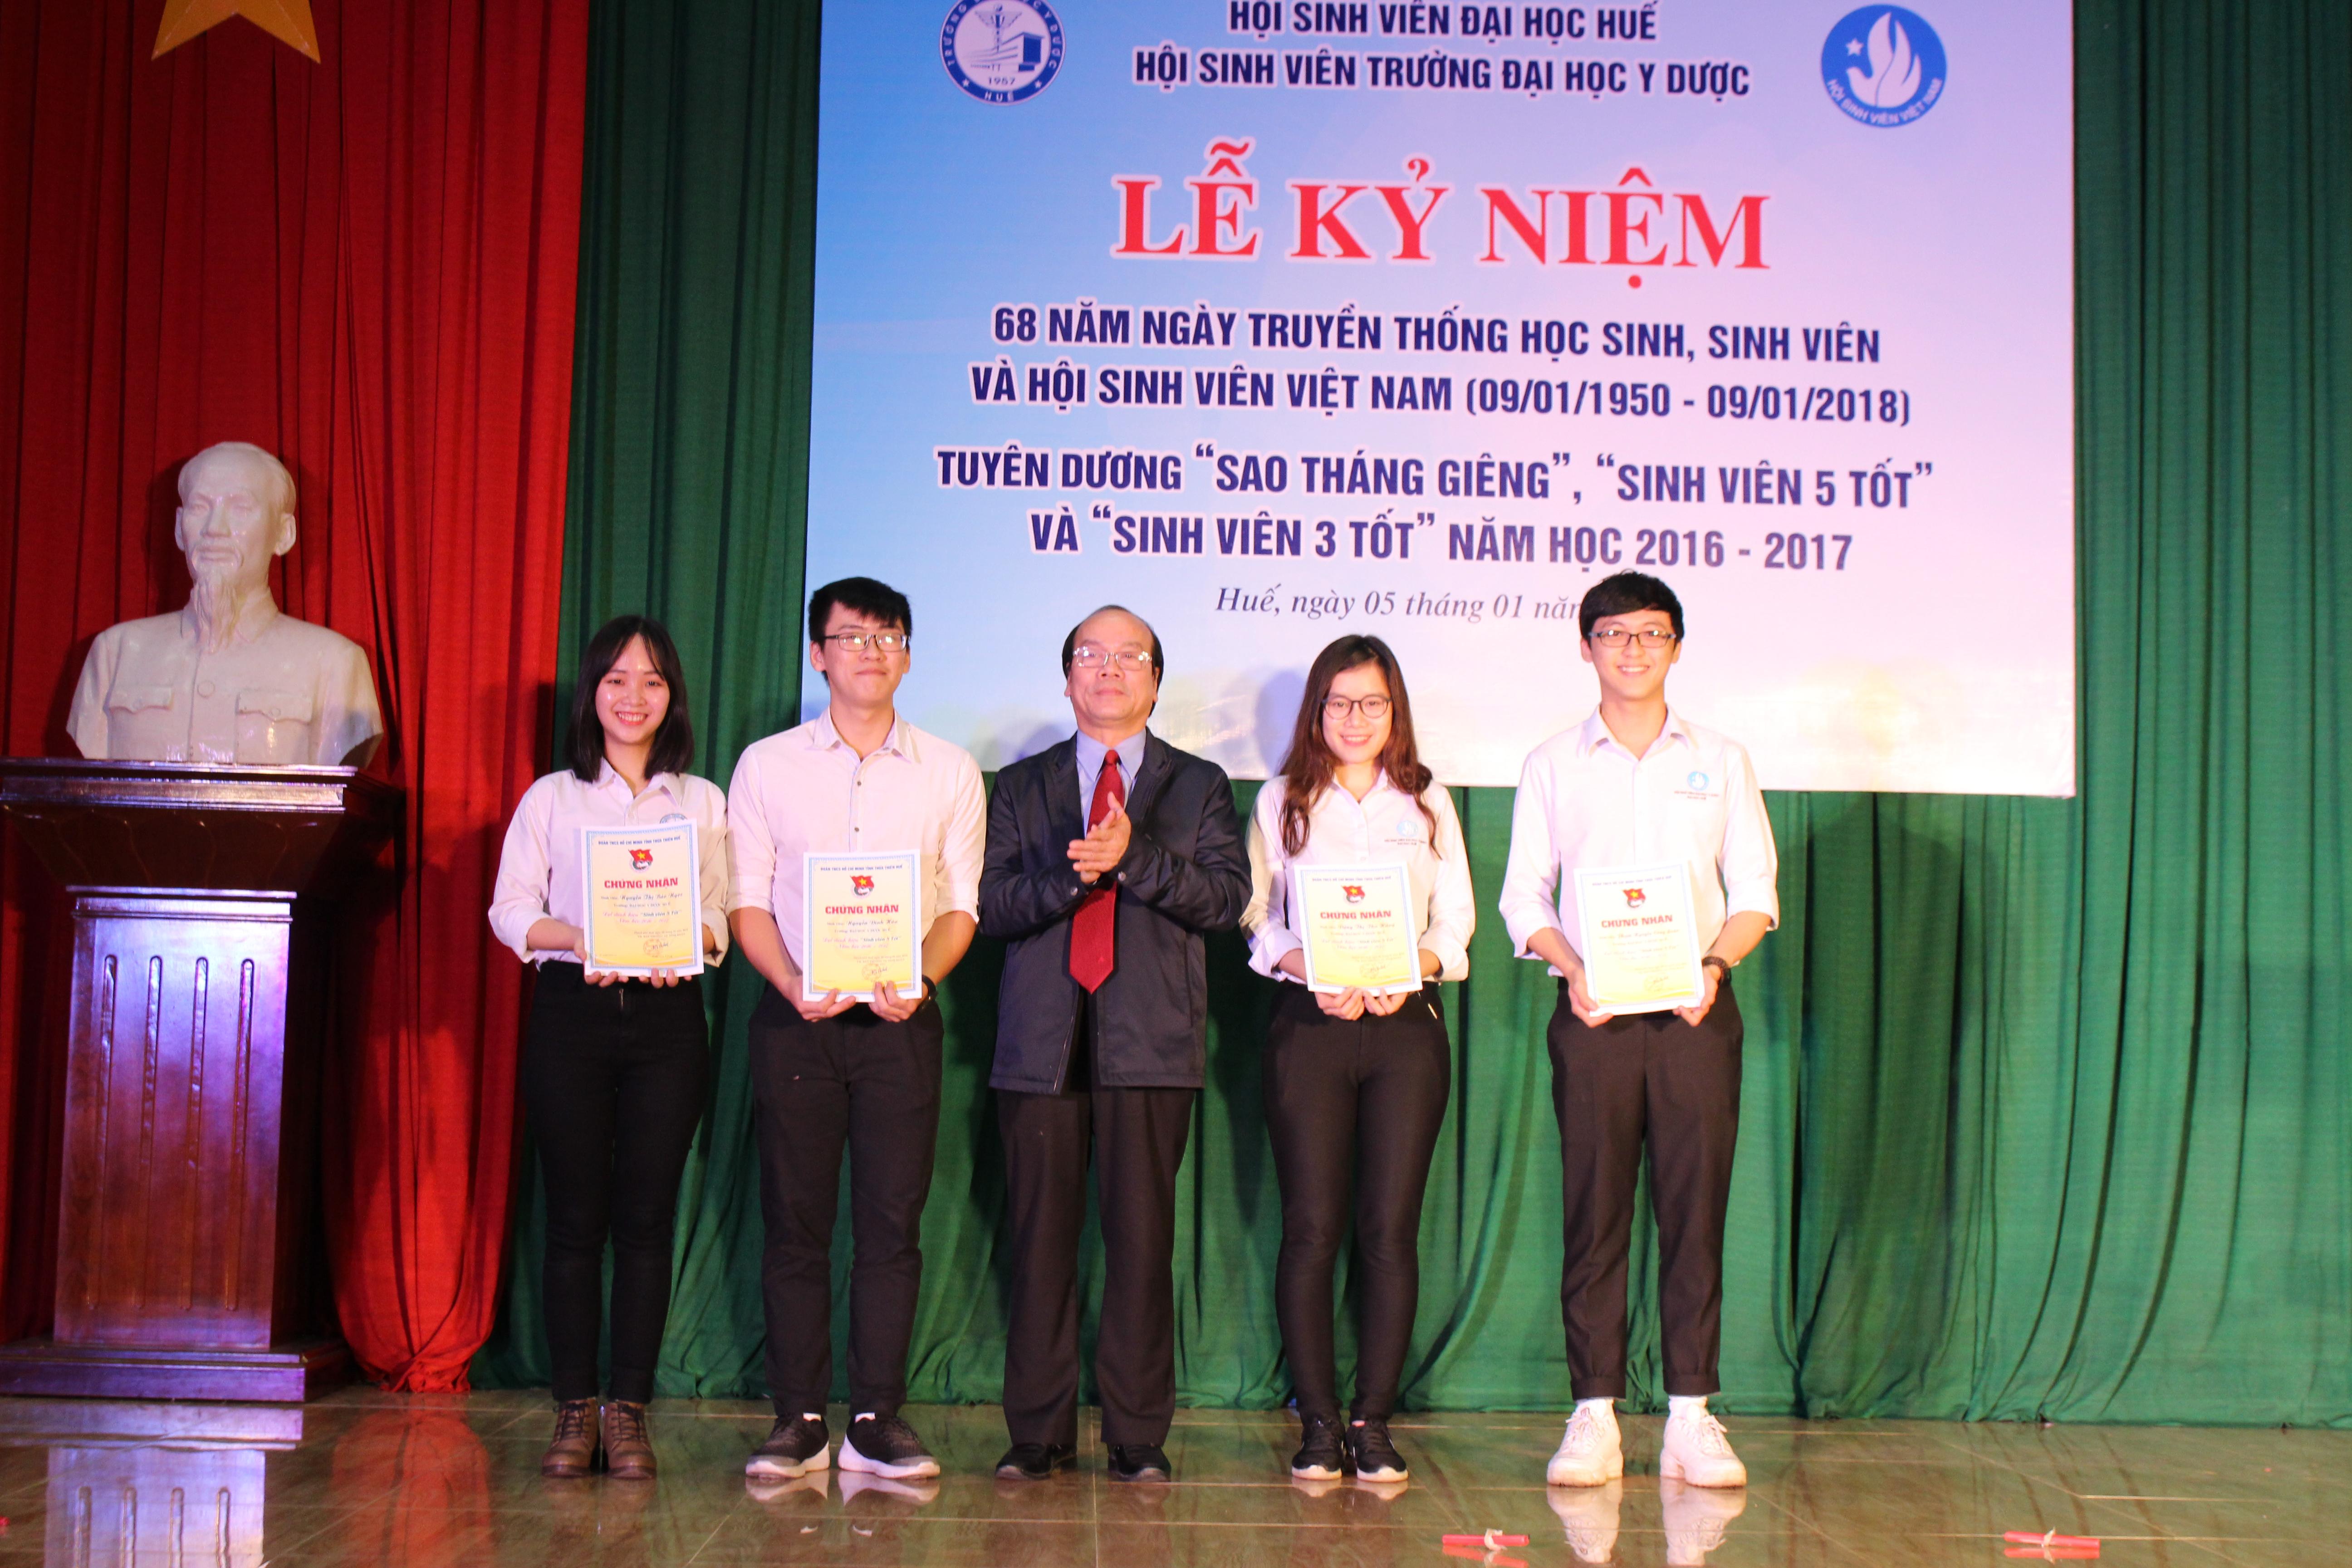 Lễ kỷ niệm ngày truyền thống học sinh, sinh viên và tuyên dương Giải thưởng Sao tháng giêng, Sinh viên 5 tốt.